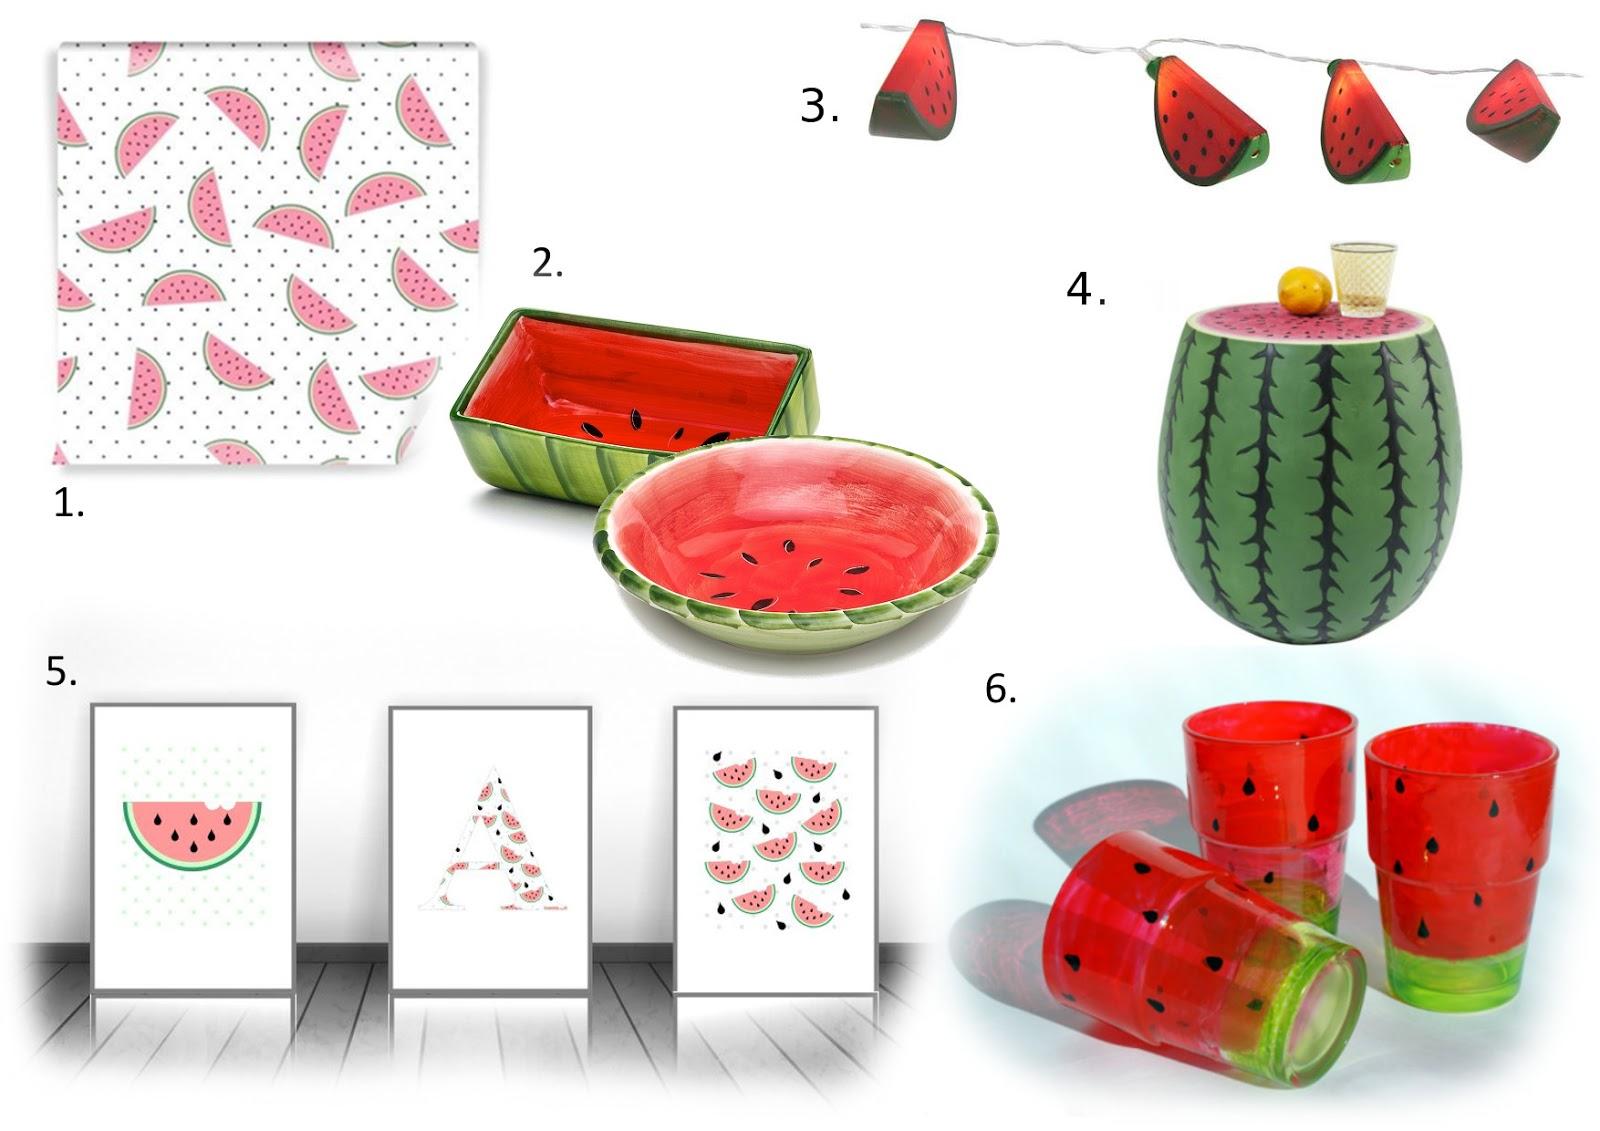 dodatki do wnętrz z motywem arbuza